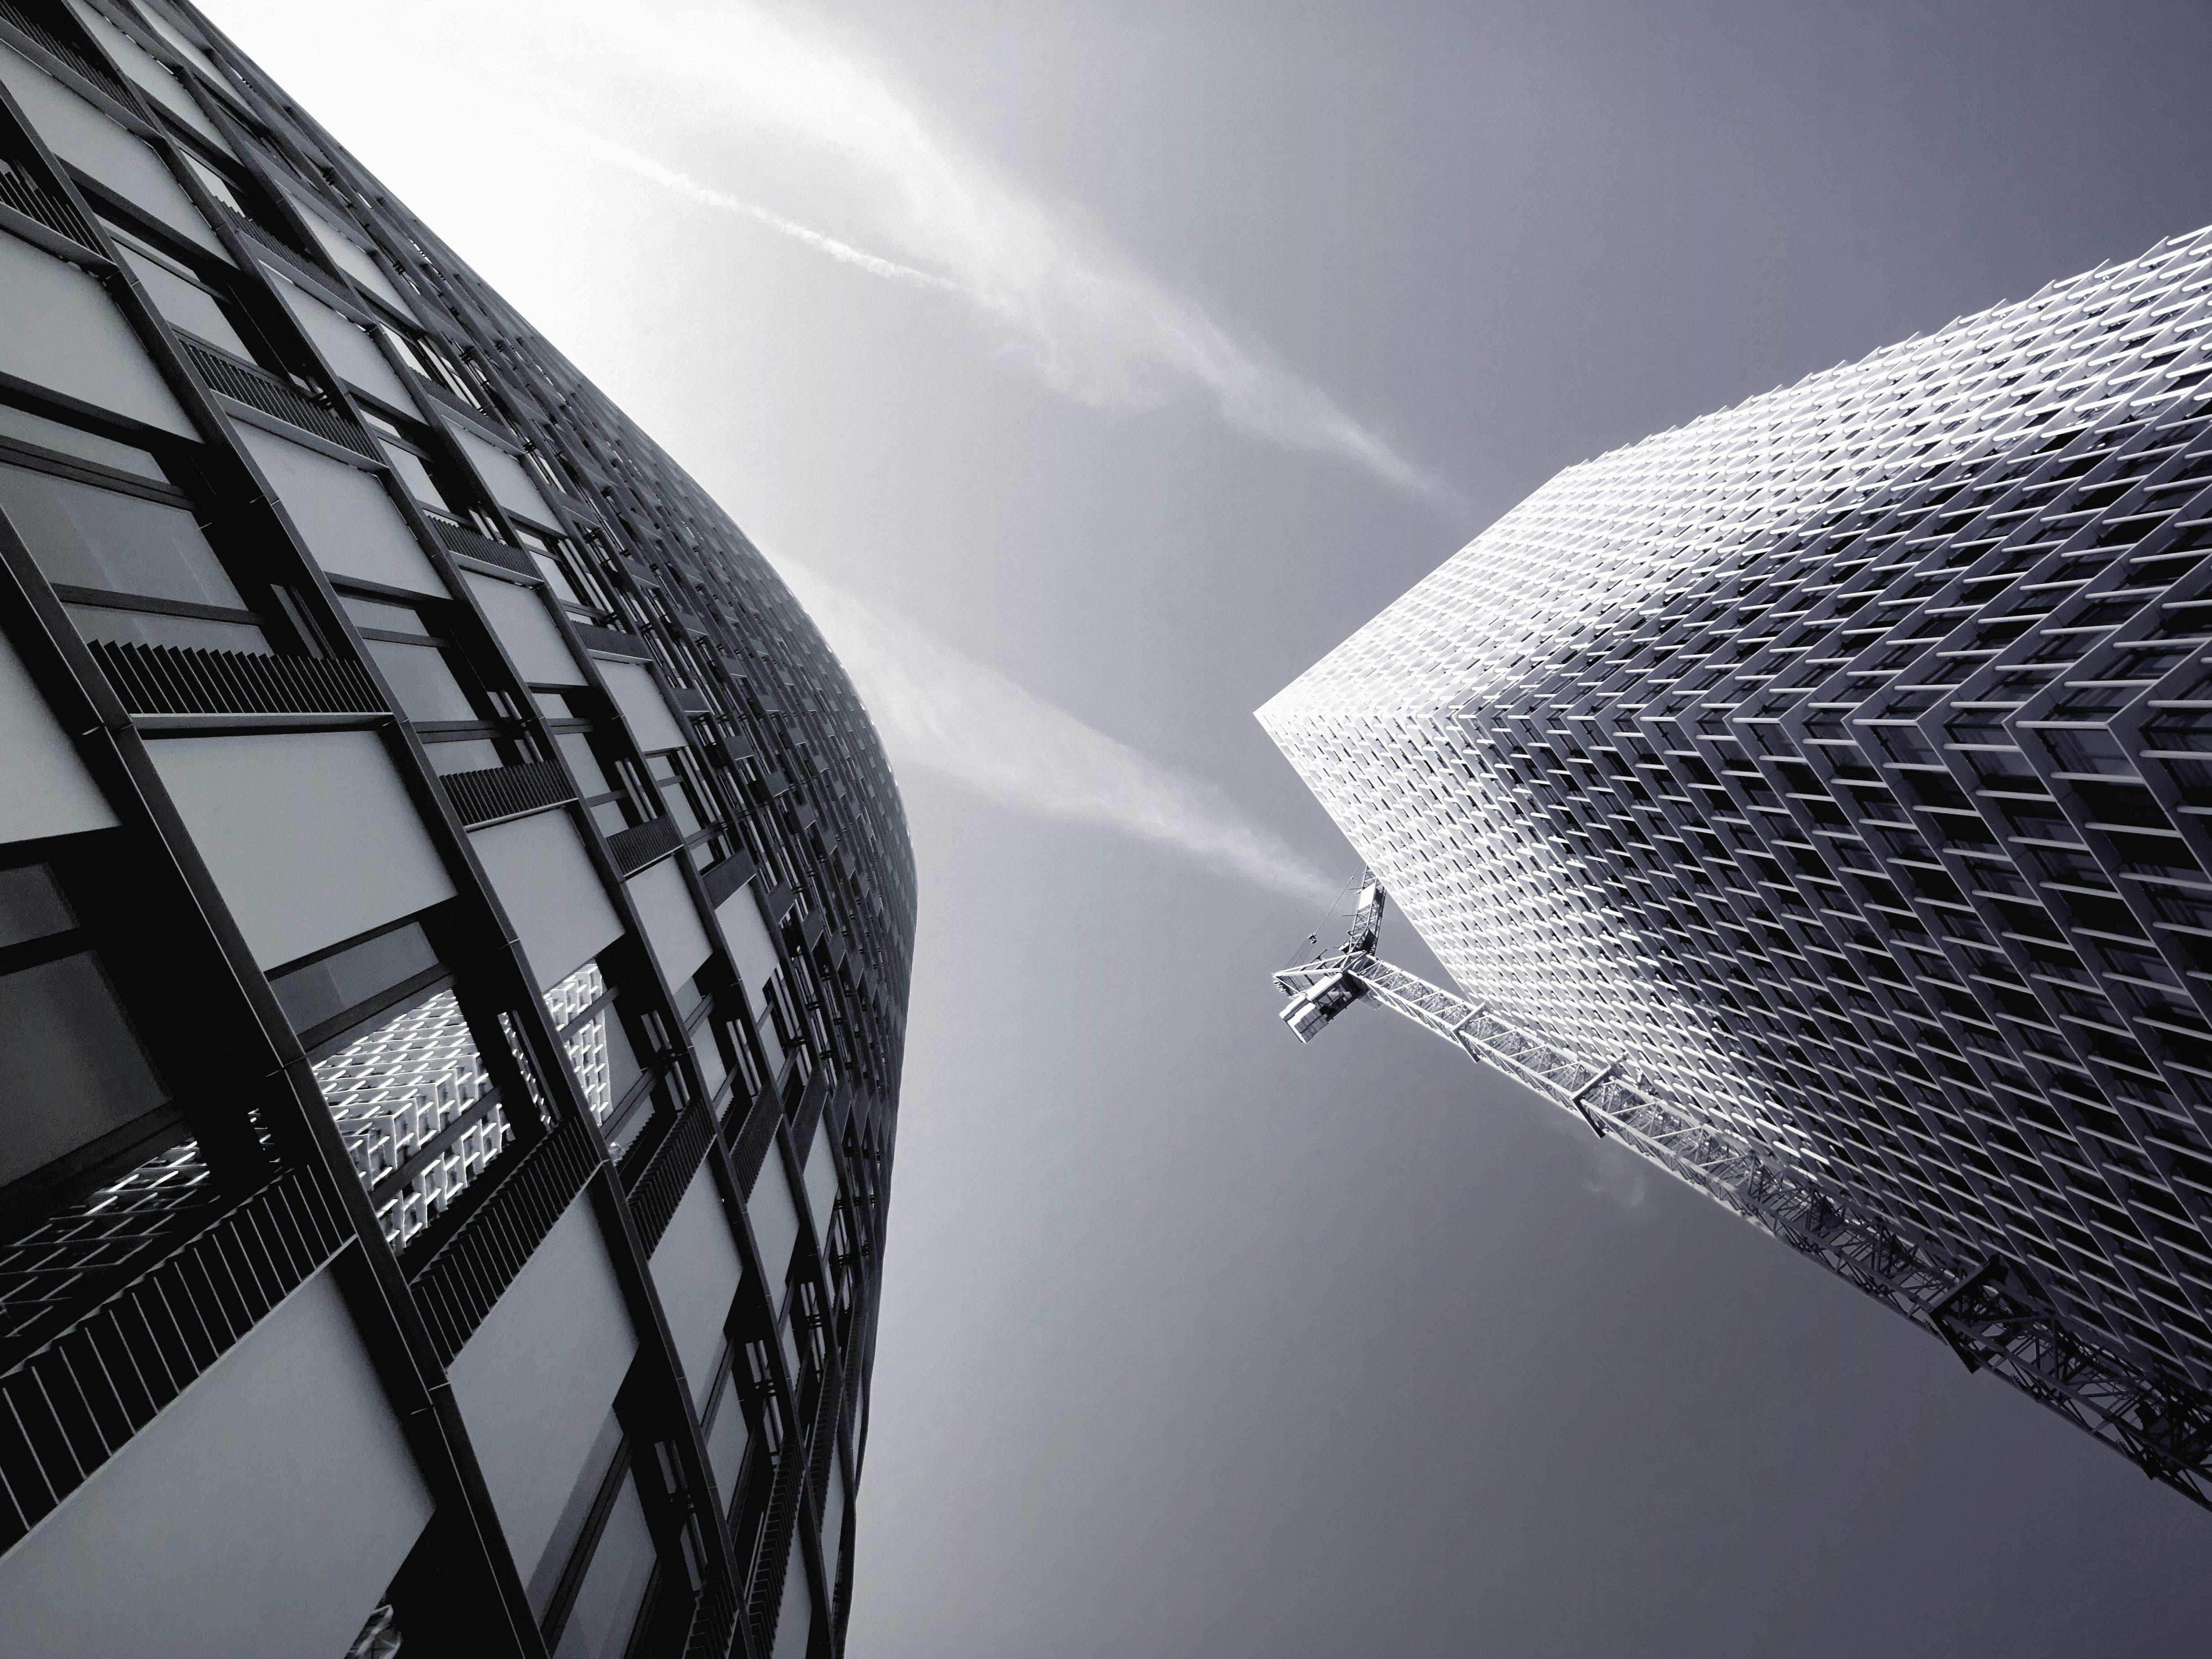 Foto gratis urbano finestre architettura edifici for Programma architettura gratis